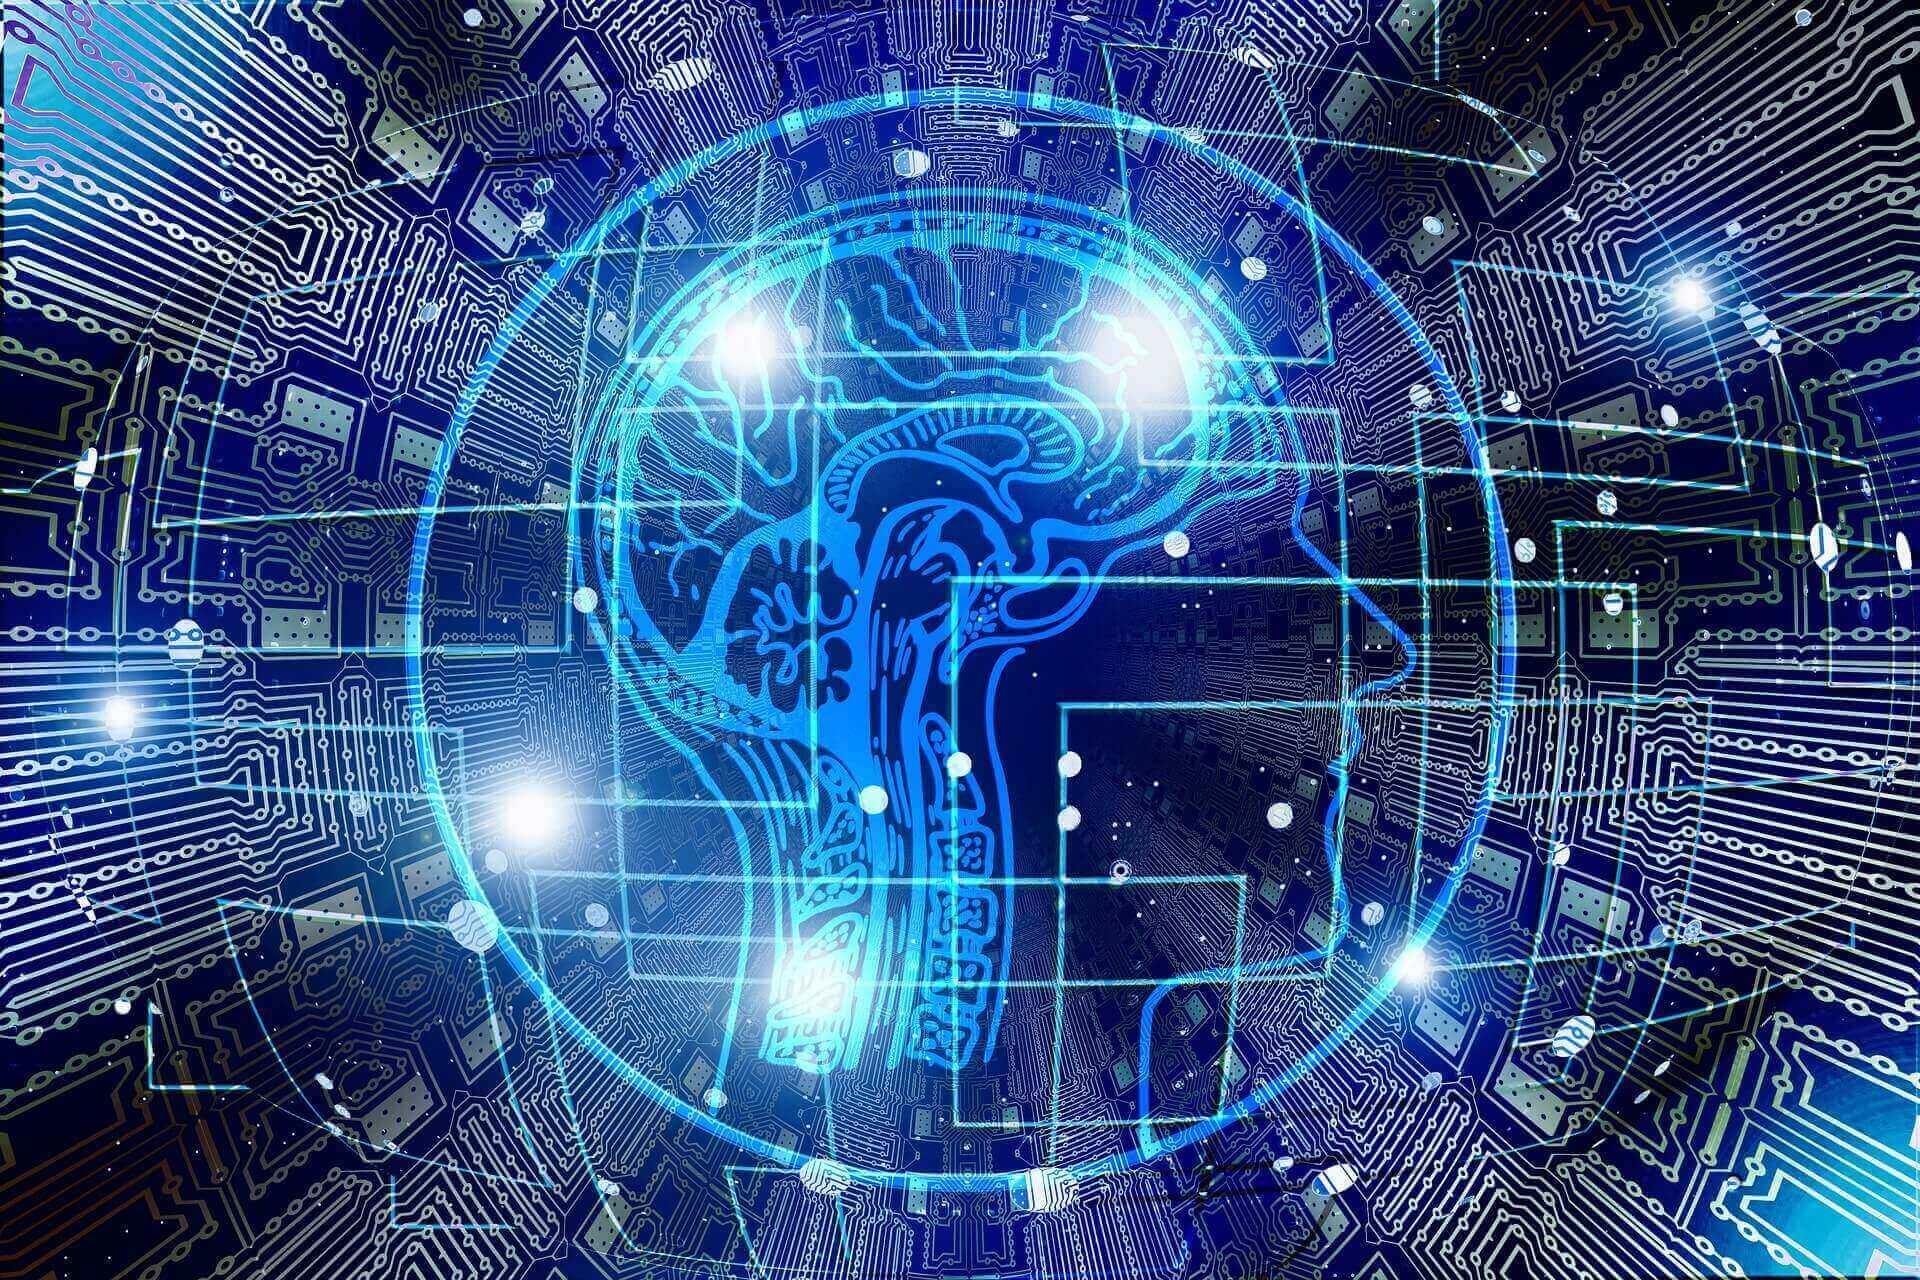 desarrollo de software para robots de servicio